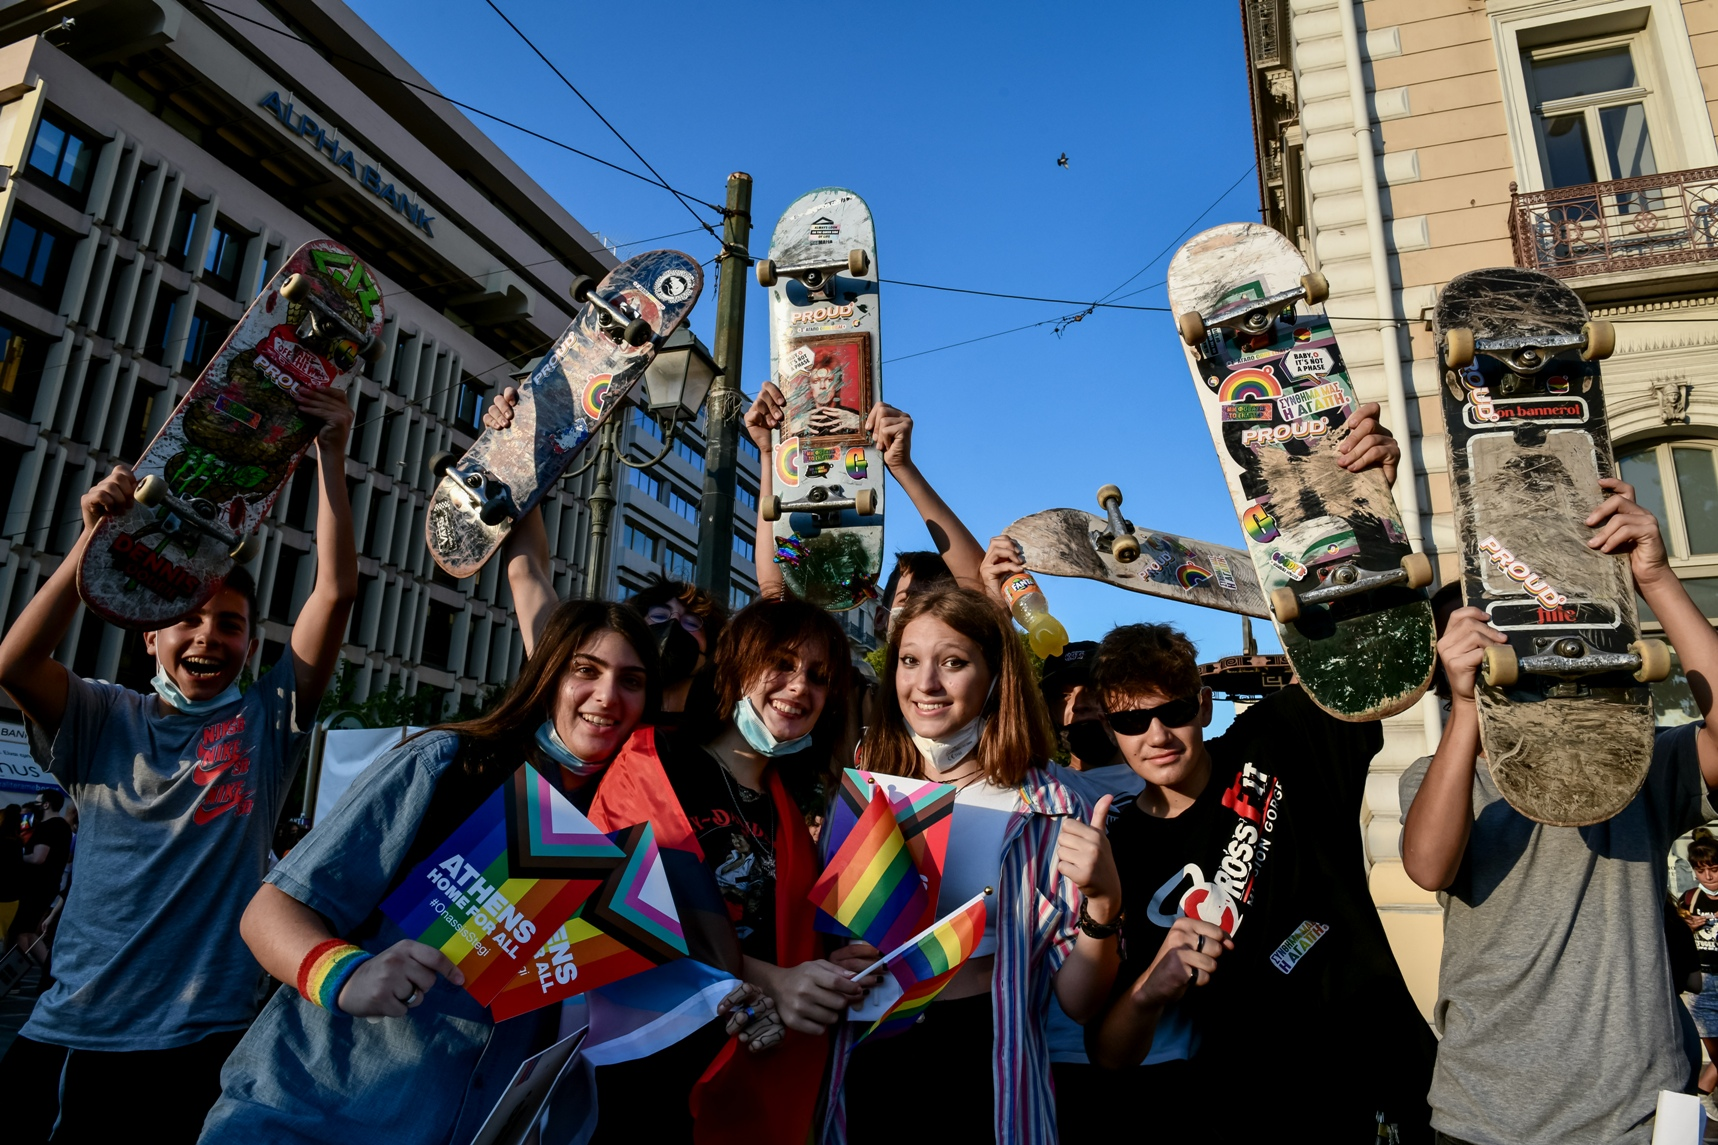 Στιγμιότυπο από την πορεία Athens Pride 2021 - πορεία περηφάνειας της ΛΟΑΤΚΙ ΚΑΙ LGBTQI+ κοινότητας. Γιορτή διεκδίκησης και μνήμης, με συνθήκες πανδημίας φέτος, αλλά με χαρακτήρα διαμαρτυρίας ενάντια σε μια ομοφοβική, τρανσφοβική και ρατσιστική κοινωνία, ενάντια την αστυνομική βία, την πατριαρχία, την ανισότητα, την απομόνωση και την κακοποίηση, Σάββατο 11 Σεπτεμβρίου 2021 (ΤΑΤΙΑΝΑ ΜΠΟΛΑΡΗ/ EUROKINISSI)